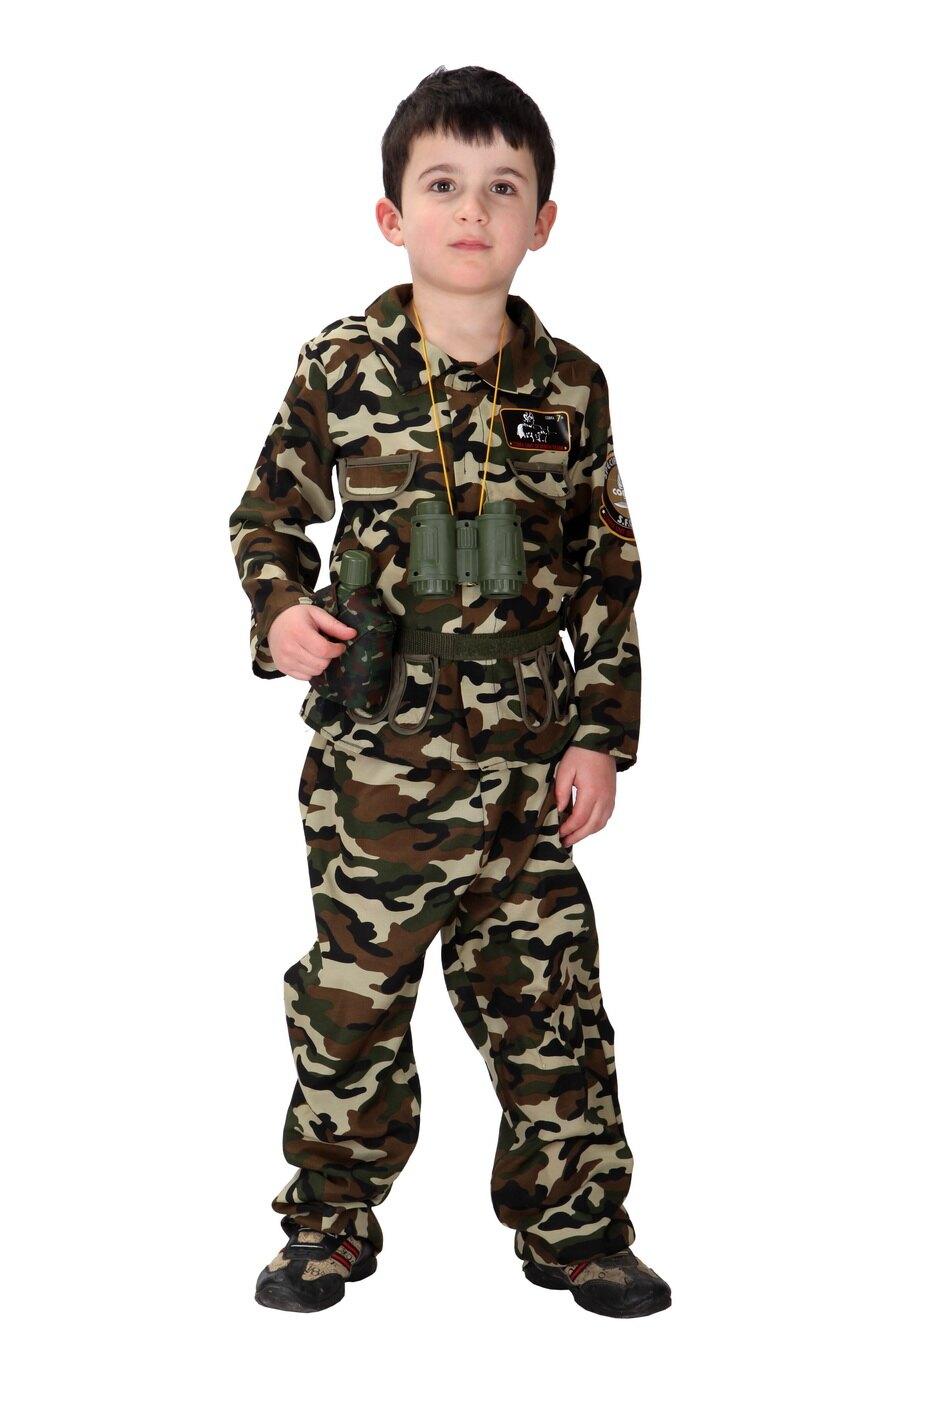 東區派對-  萬聖節服裝,職業變裝服/陸軍服裝/迷彩服服裝/特種部隊服裝